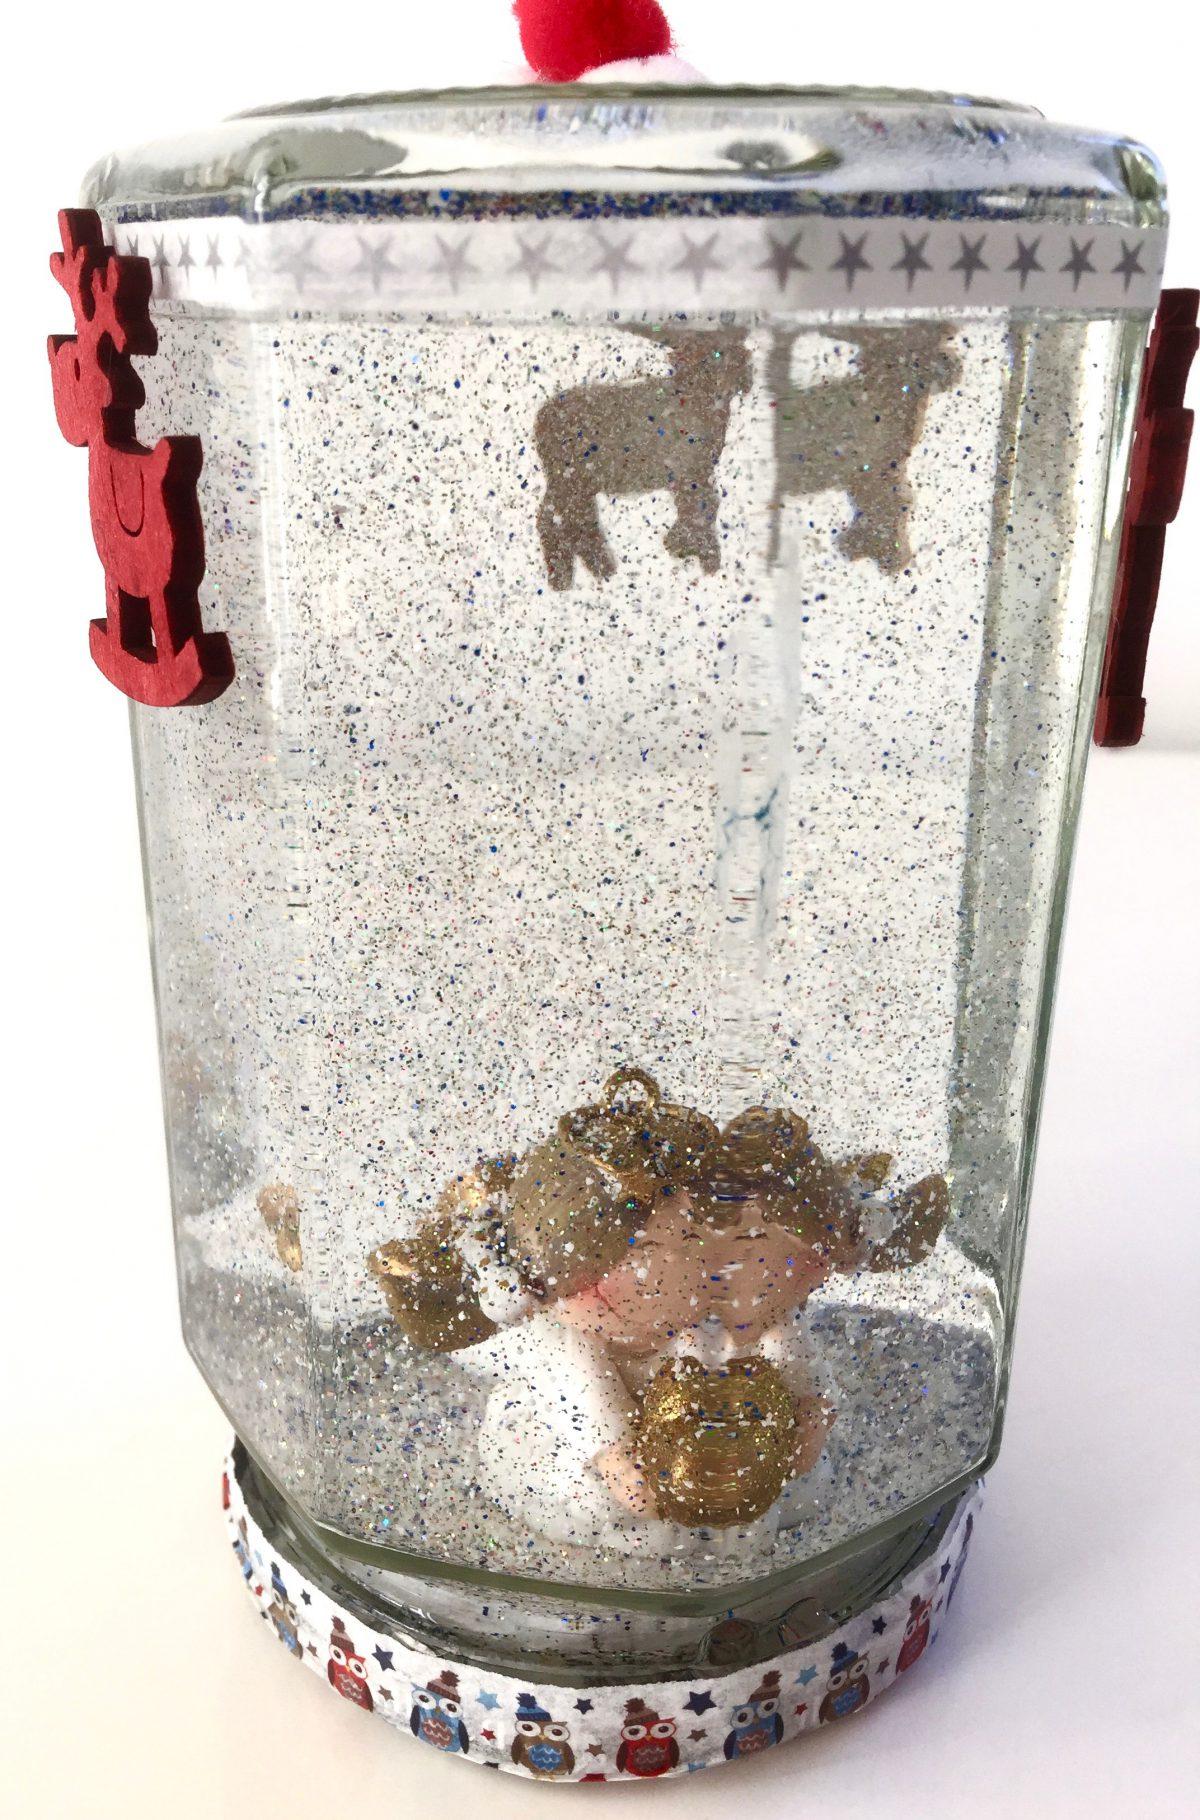 Selbstgemachte Schneekugel mit Engel. Das Glas ist von außen mit roten Rentieren & weihnachtlichem Klebeband.